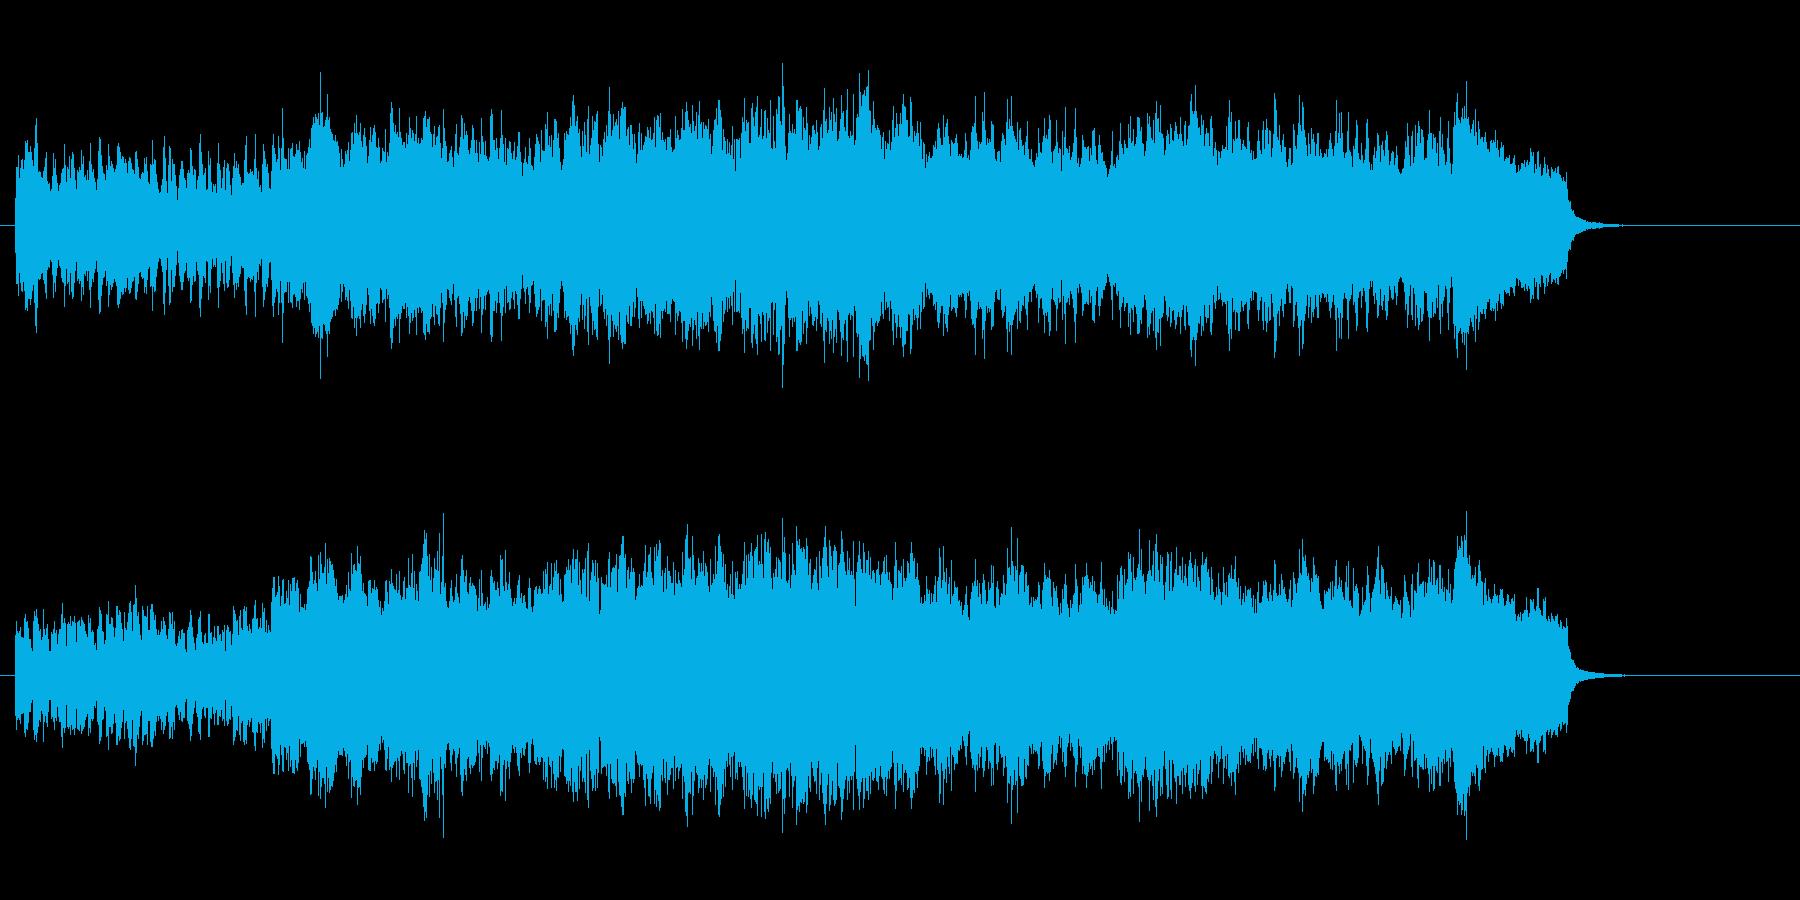 ホーム・ミュージック的クラシック風の再生済みの波形